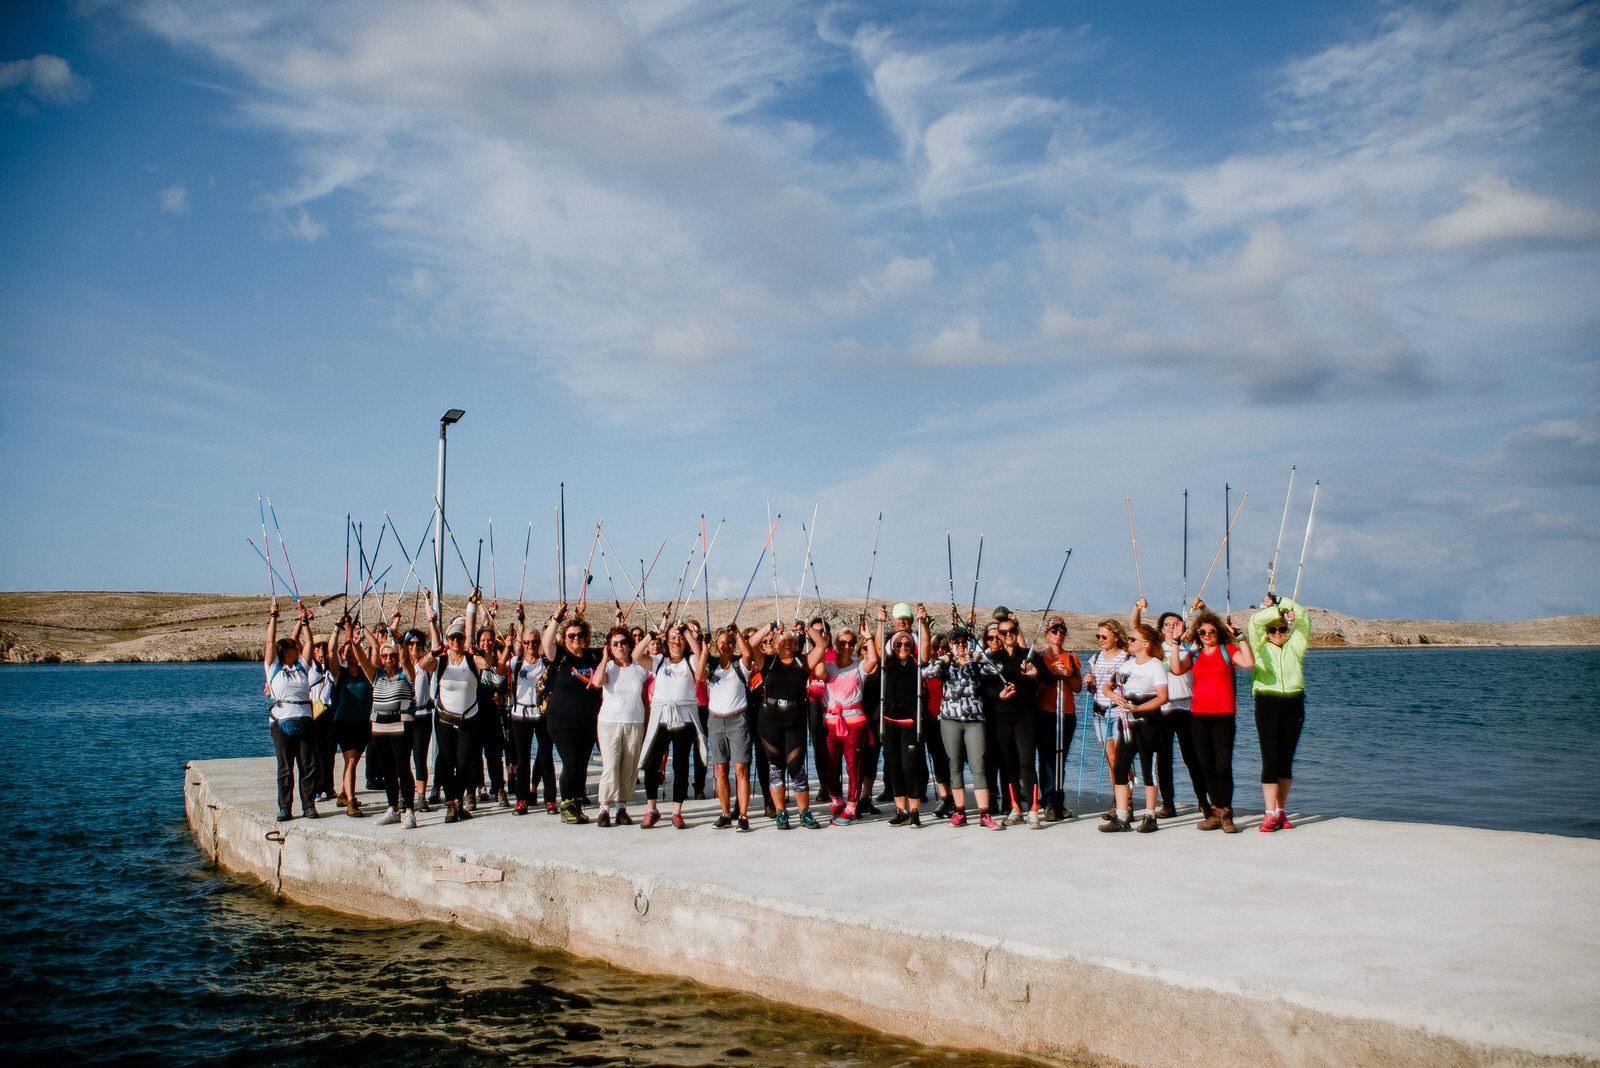 likaclub_nordijsko-hodanje-mjesečevim-otokom_pag-2019-23